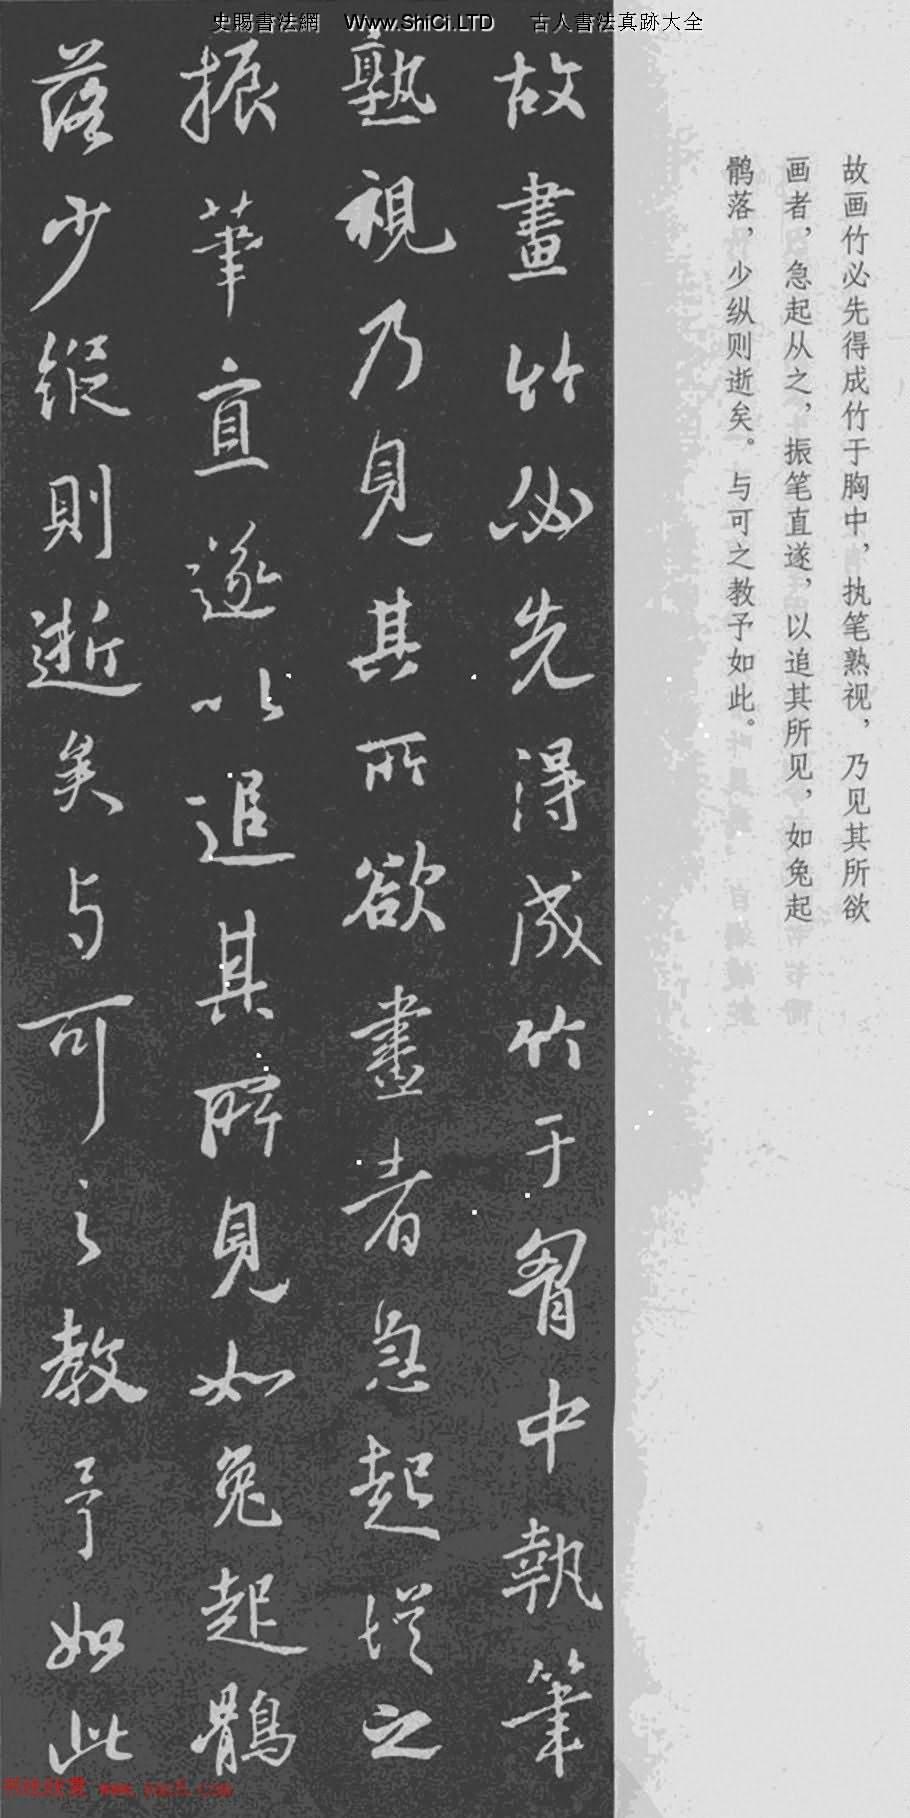 王羲之書法集字《文與可畫篔簹谷偃竹記》